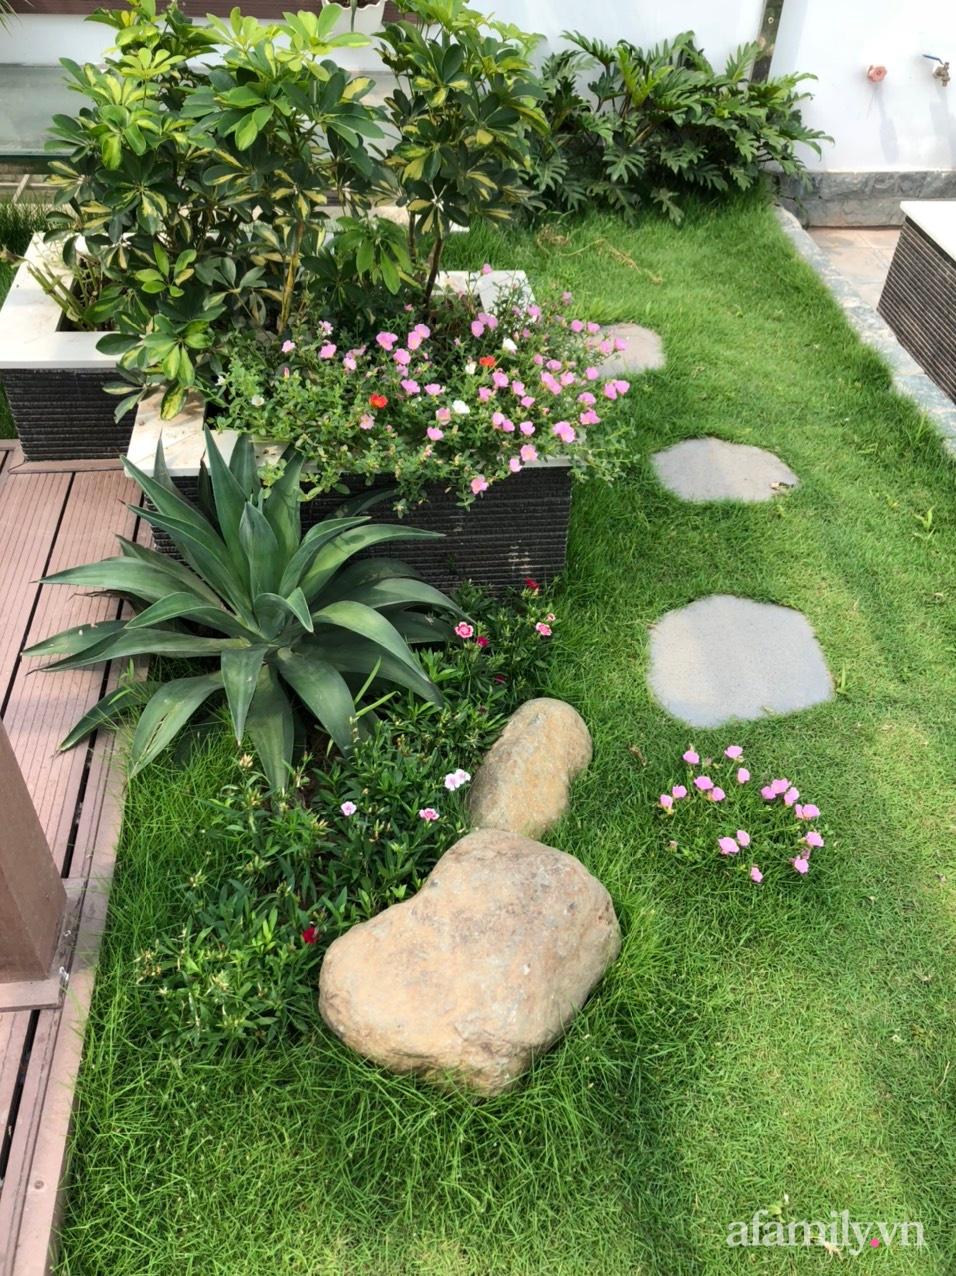 Vườn rau quả sạch 100m2 trên mái nhà của người phụ nữ xinh đẹp ở Hà Nội - Ảnh 4.